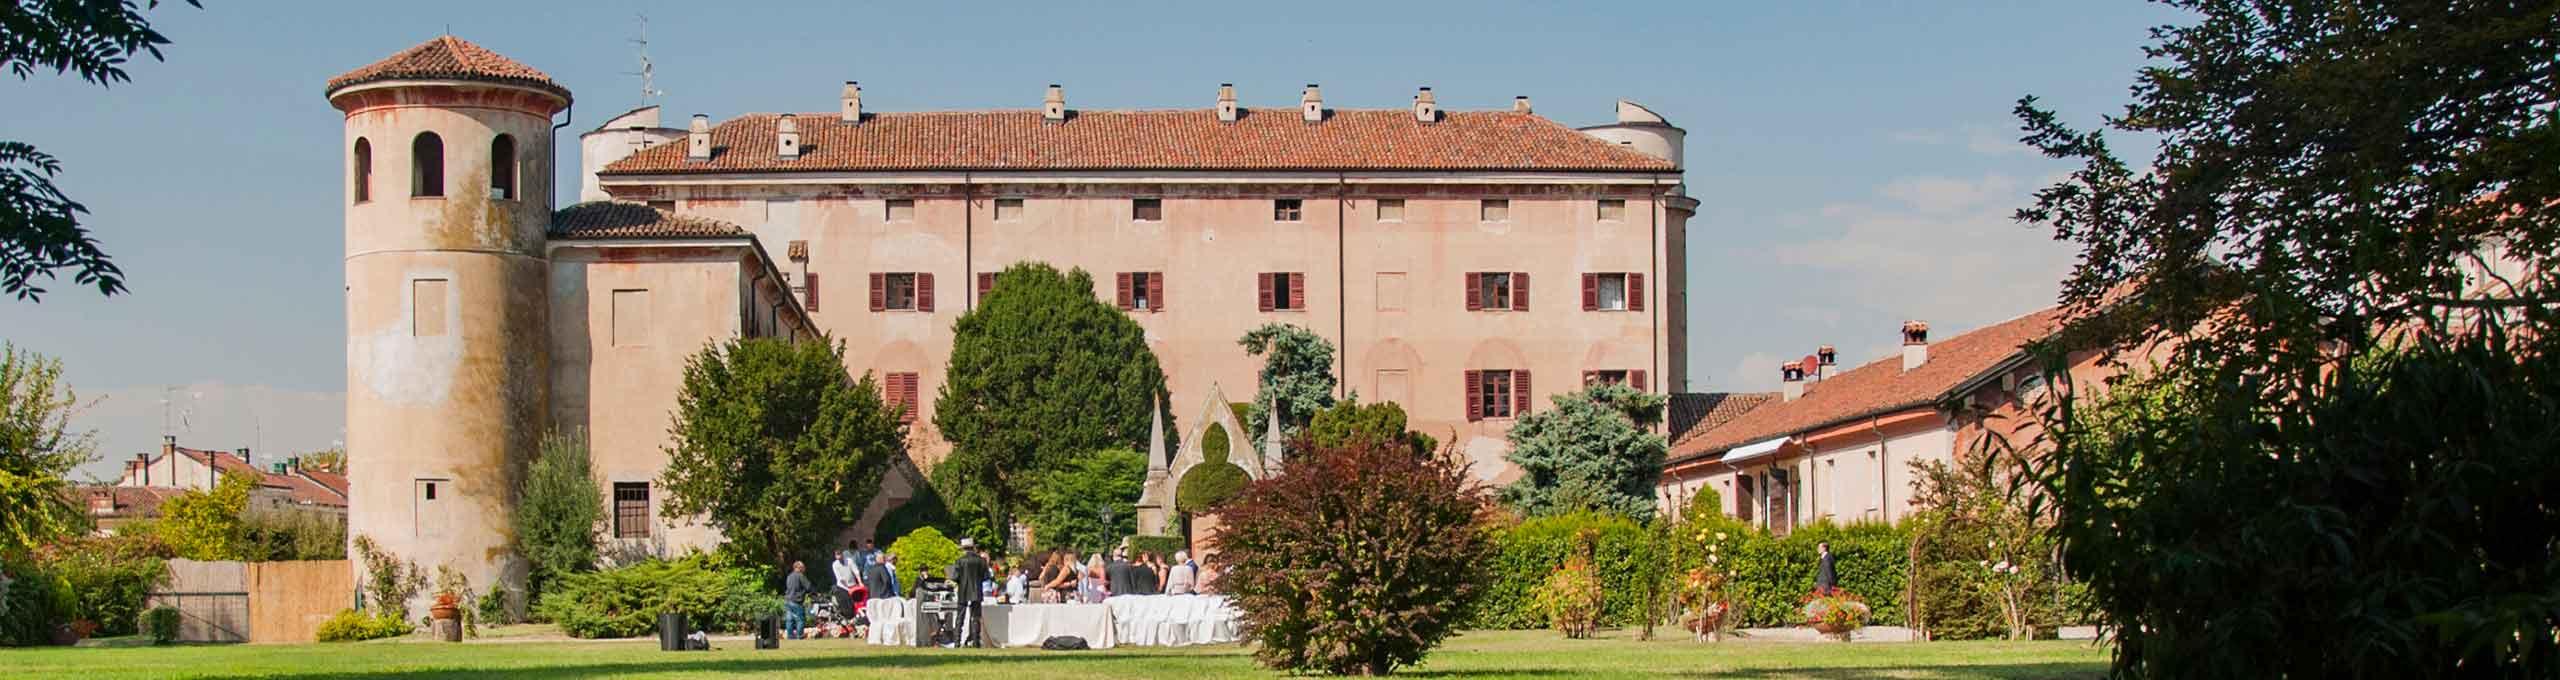 Rocca Grimalda, alto Monferrato, Castello di Rocca Grimalda